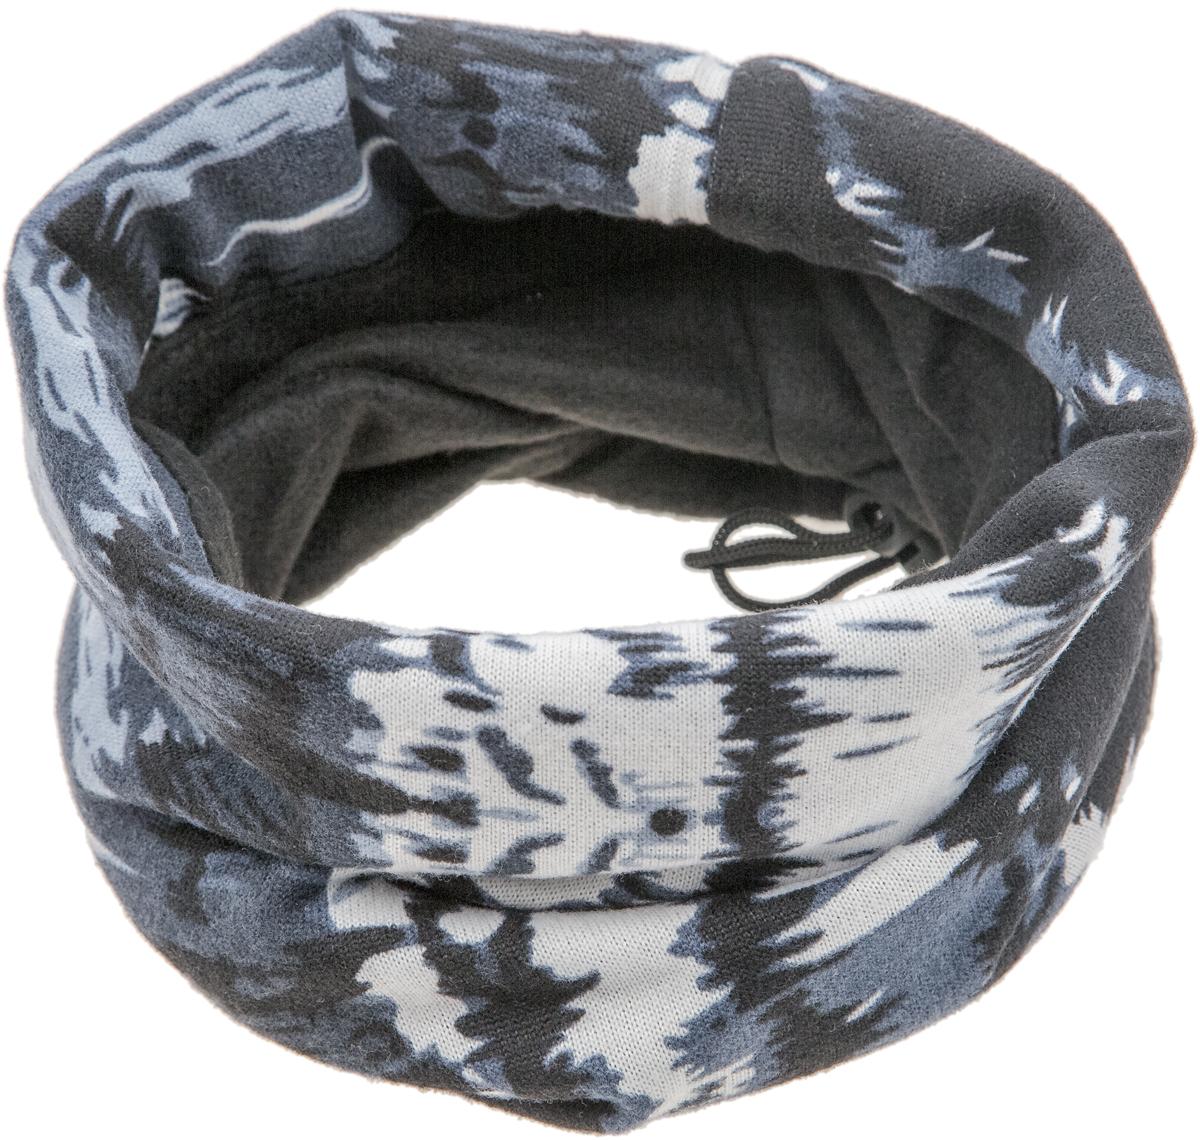 Шарф зимний YusliQ, цвет: черный, серый, белый. W-30. Размер 40 см х 35 смW - 30Мультишарфы можно встретить под разными названиями: мультишарф, мультибандана, платок трансформер, Baff, но вне зависимости от того, как Вы назовете этот аксессуар, его уникальные возможности останутся неизменными. Вы с легкостью и удобством можете одеть этот мультишарф на голову и шею 12 различными способами. В сильные морозы, пронизывающий ветер или пыльную бурю - с мультишарфом Вы будете готовы к любым капризам природы.Авторская работа.